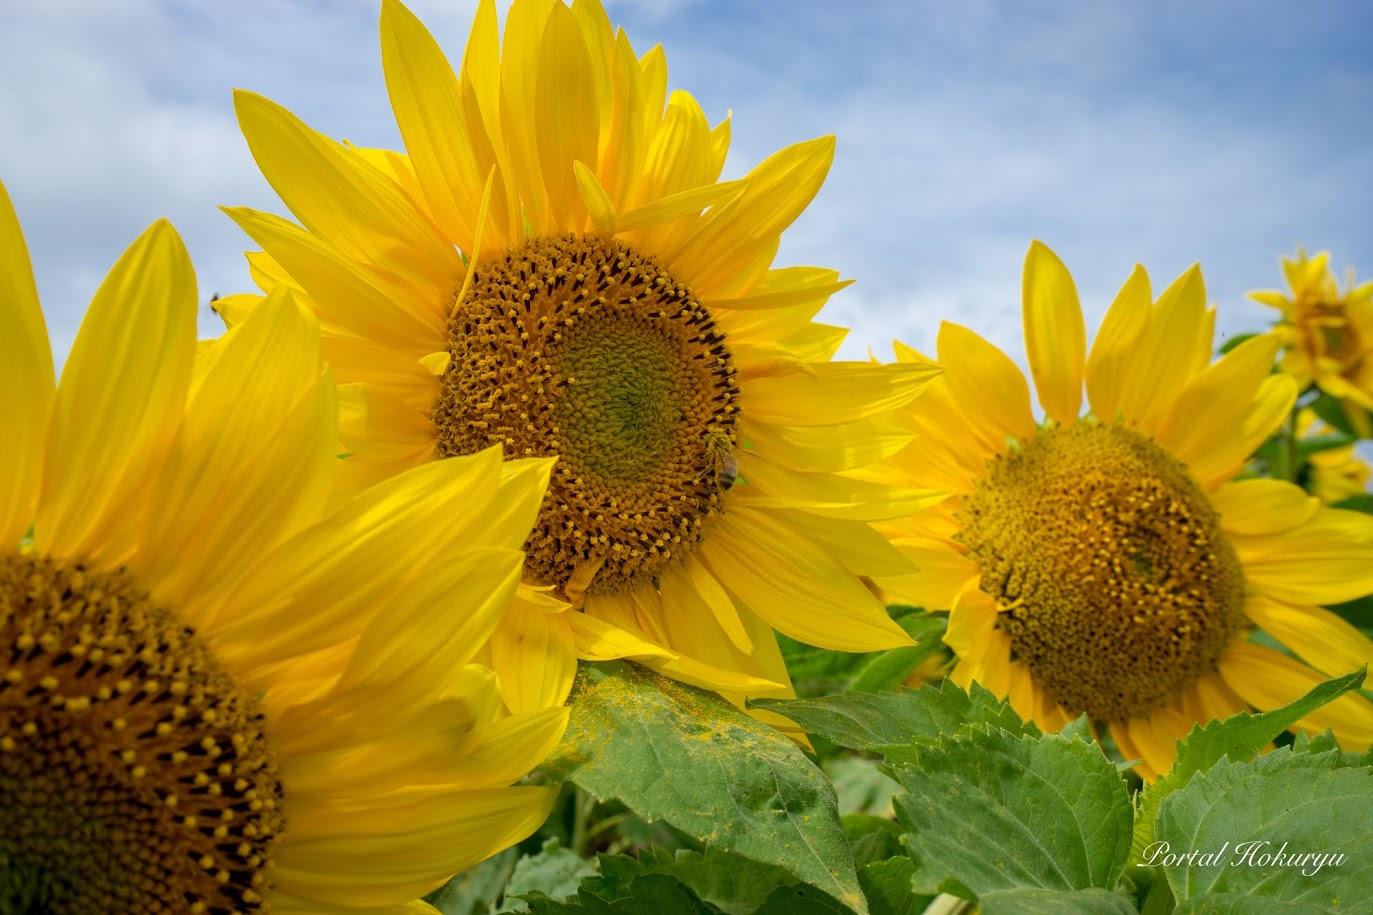 ひまわりの花の蜜を吸うミツバチさん!